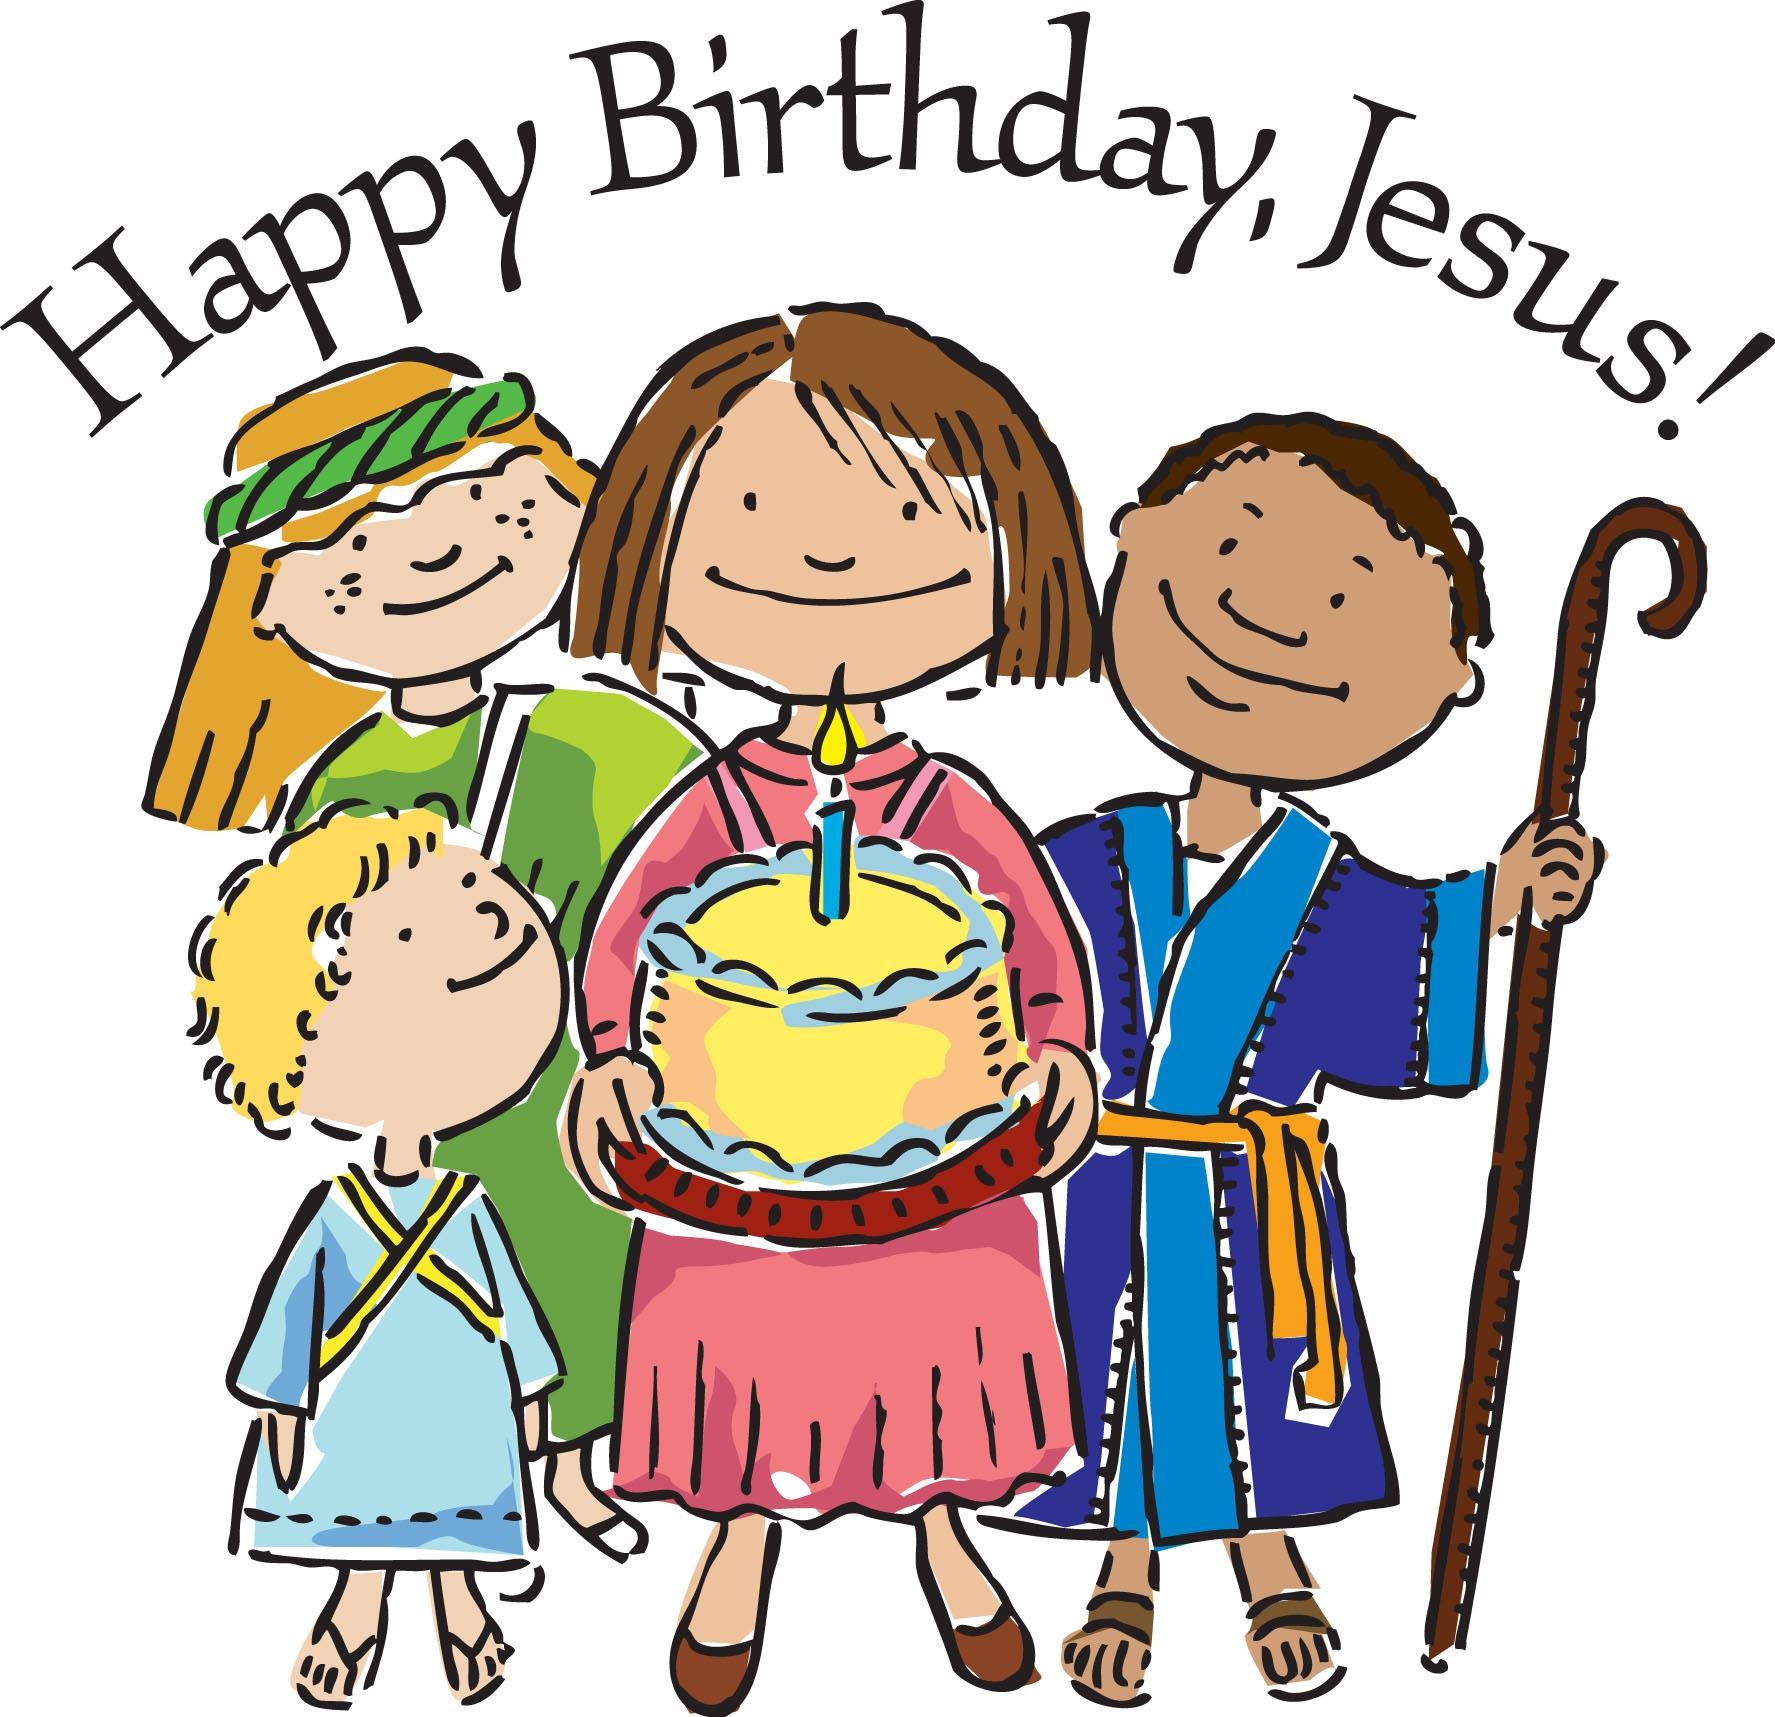 Happy birthday jesus cake clipart vector freeuse Happy Birthday Jesus Clipart - clipartsgram.com vector freeuse